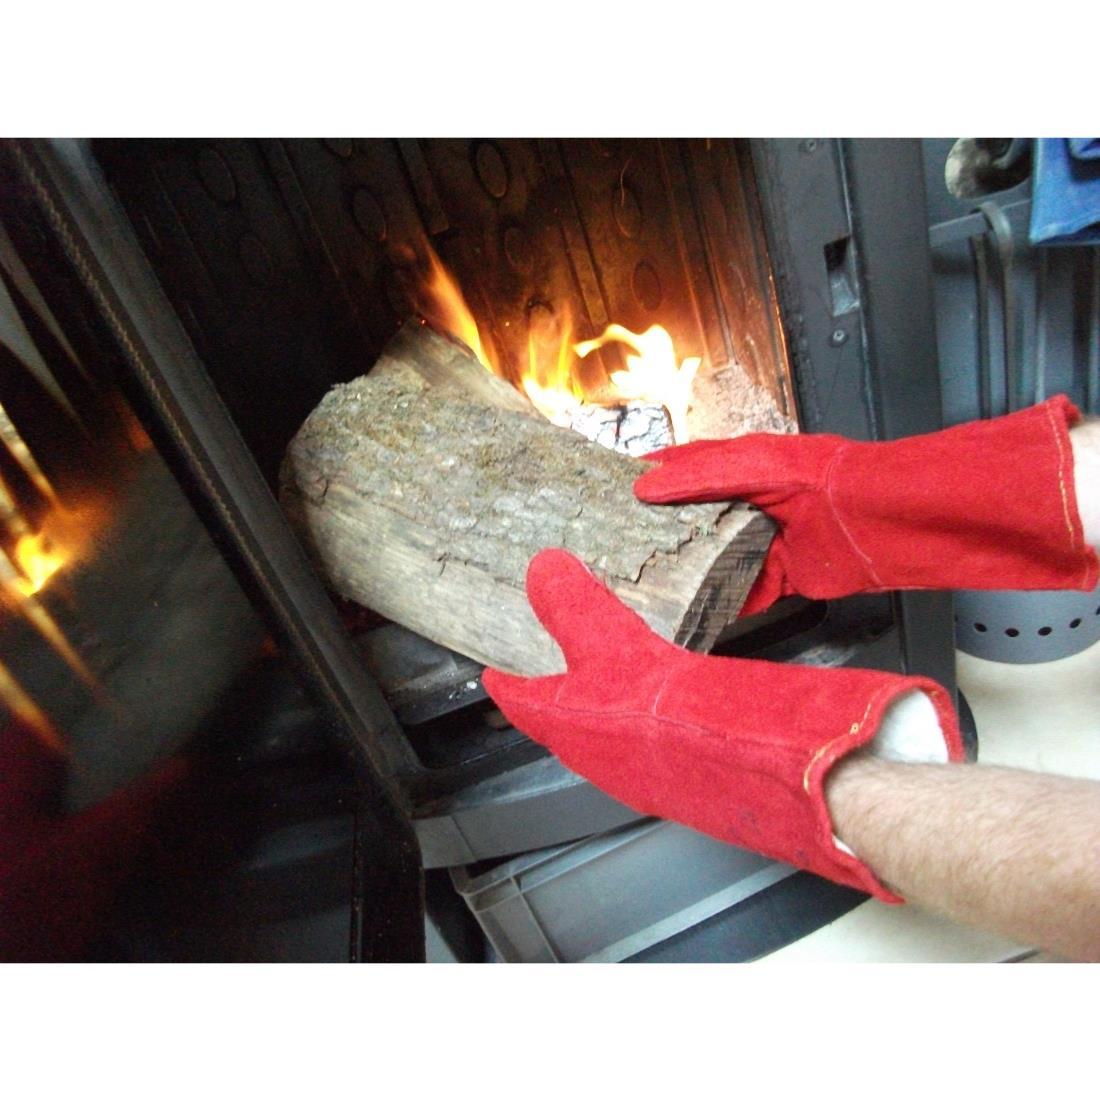 Gants cuir doubl anti chaleur et flamme couleur rouge for Feuille de mica pour poele a bois